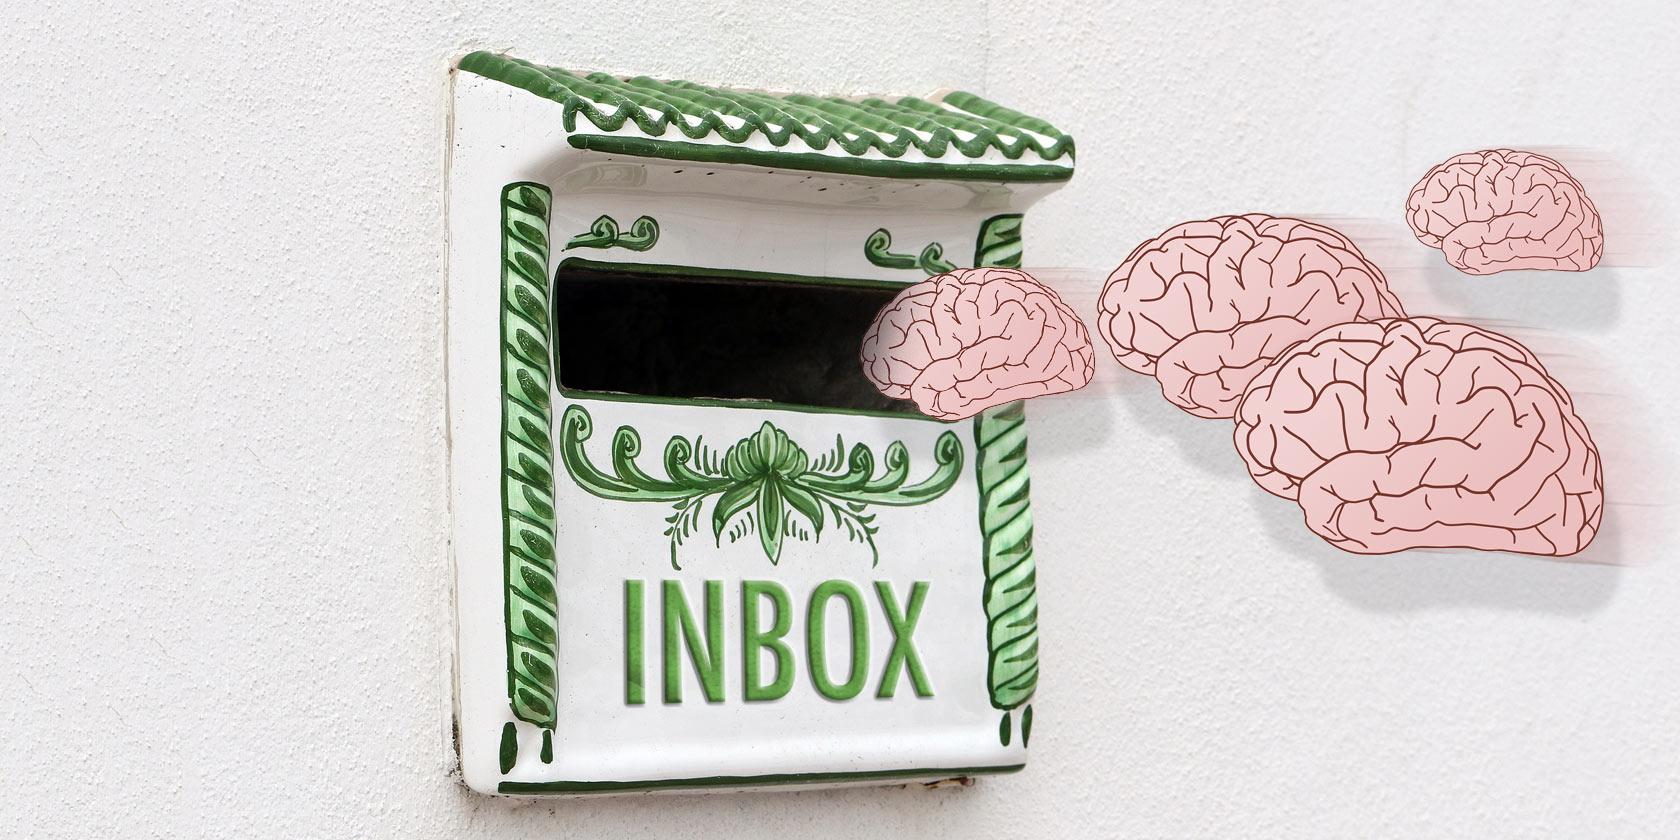 learn-inbox